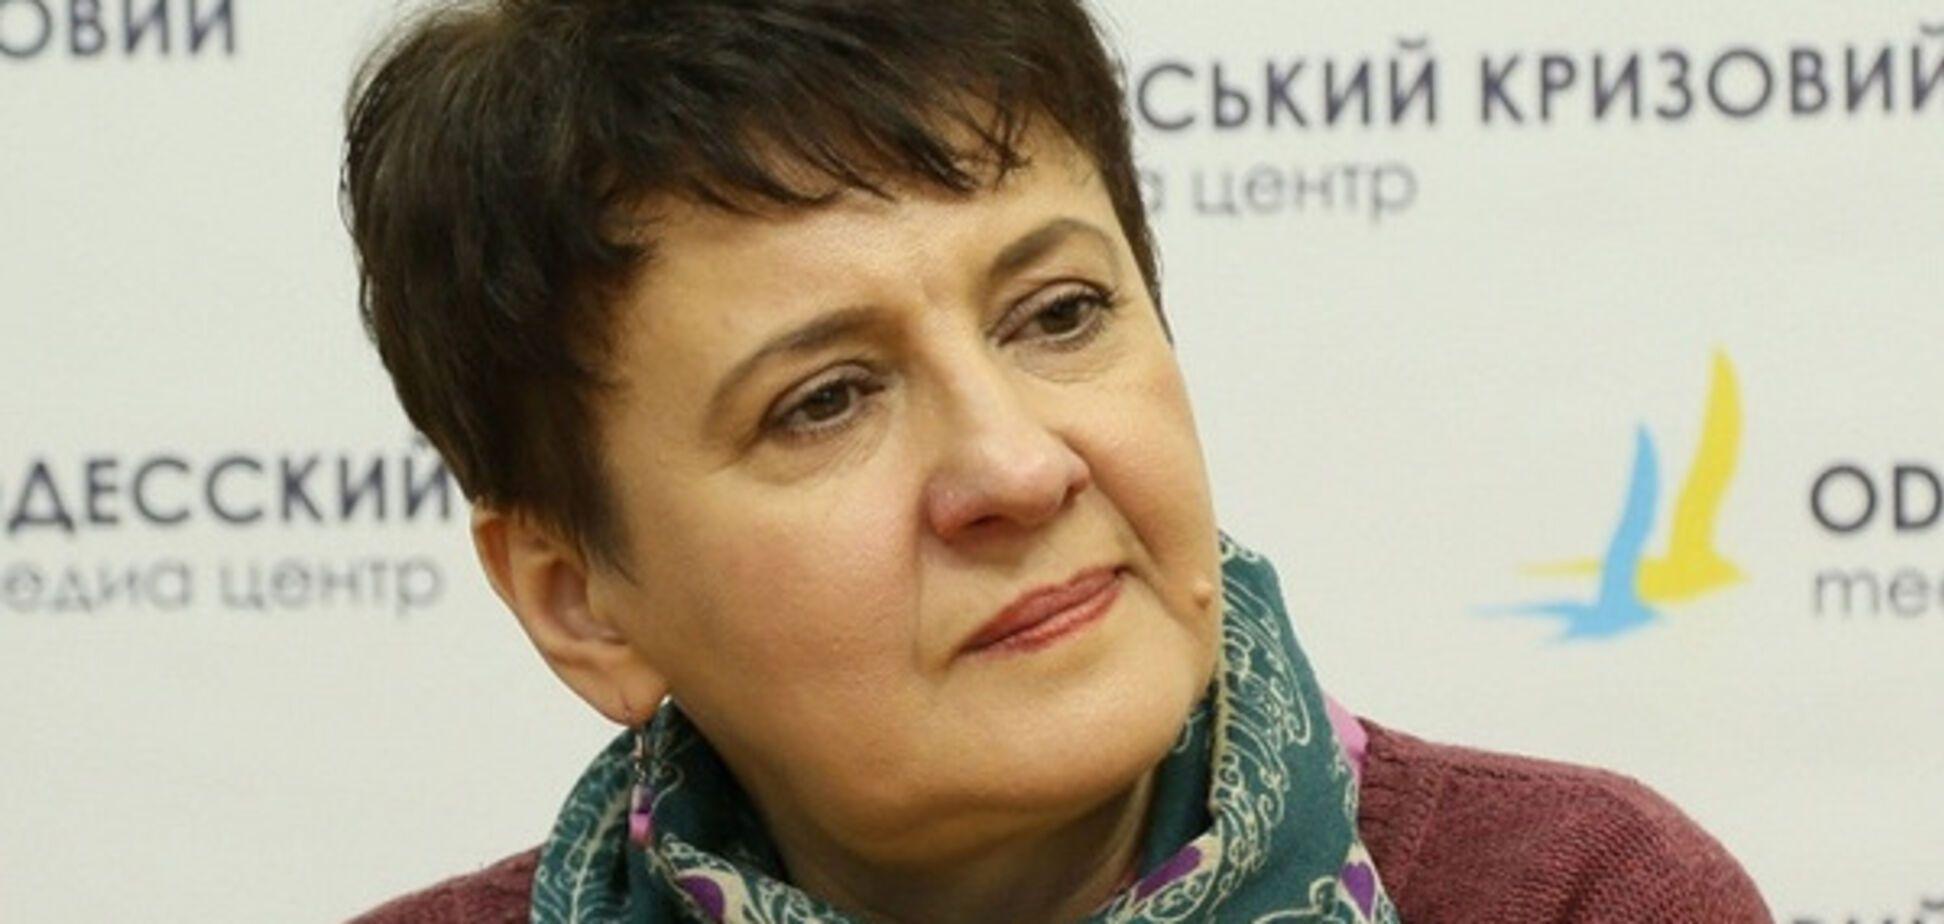 Оксана Забужкко